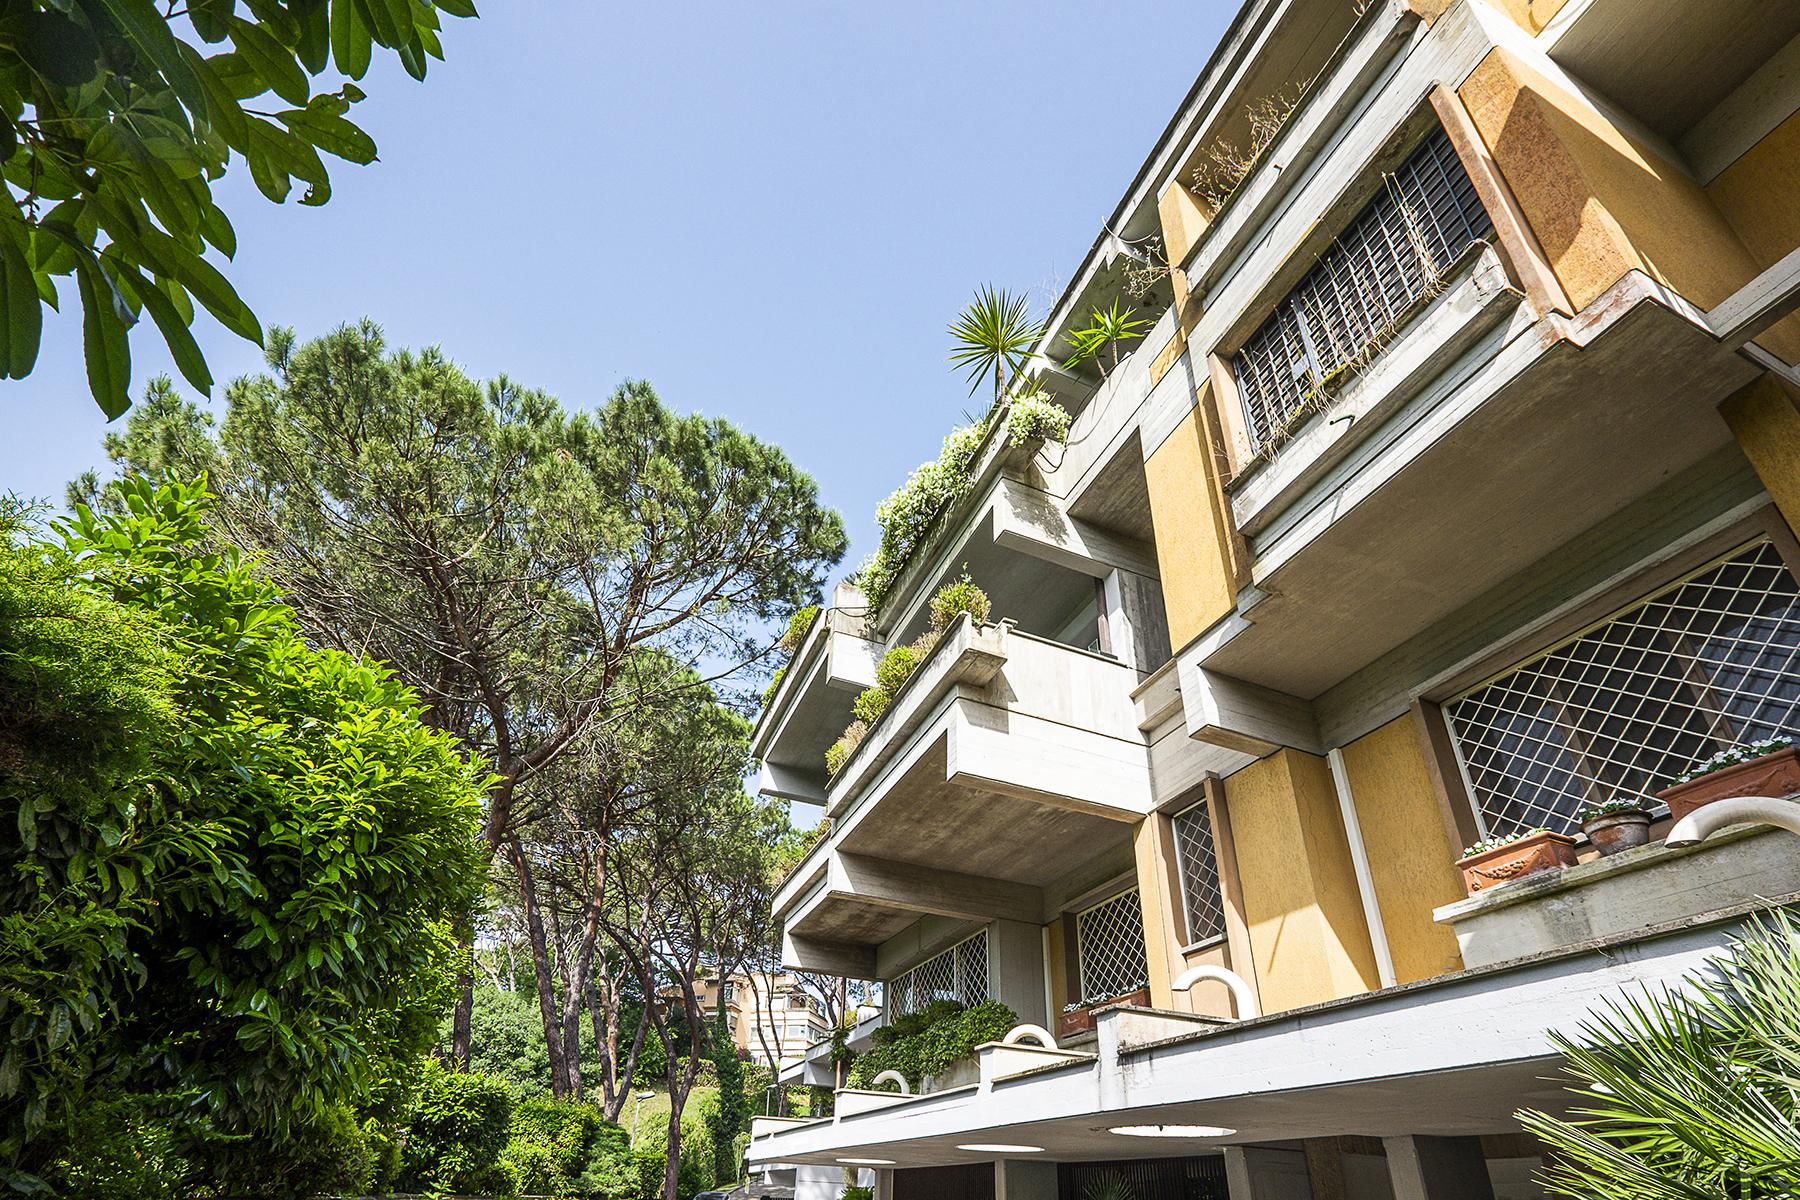 Attico in Vendita a Roma: 5 locali, 281 mq - Foto 28